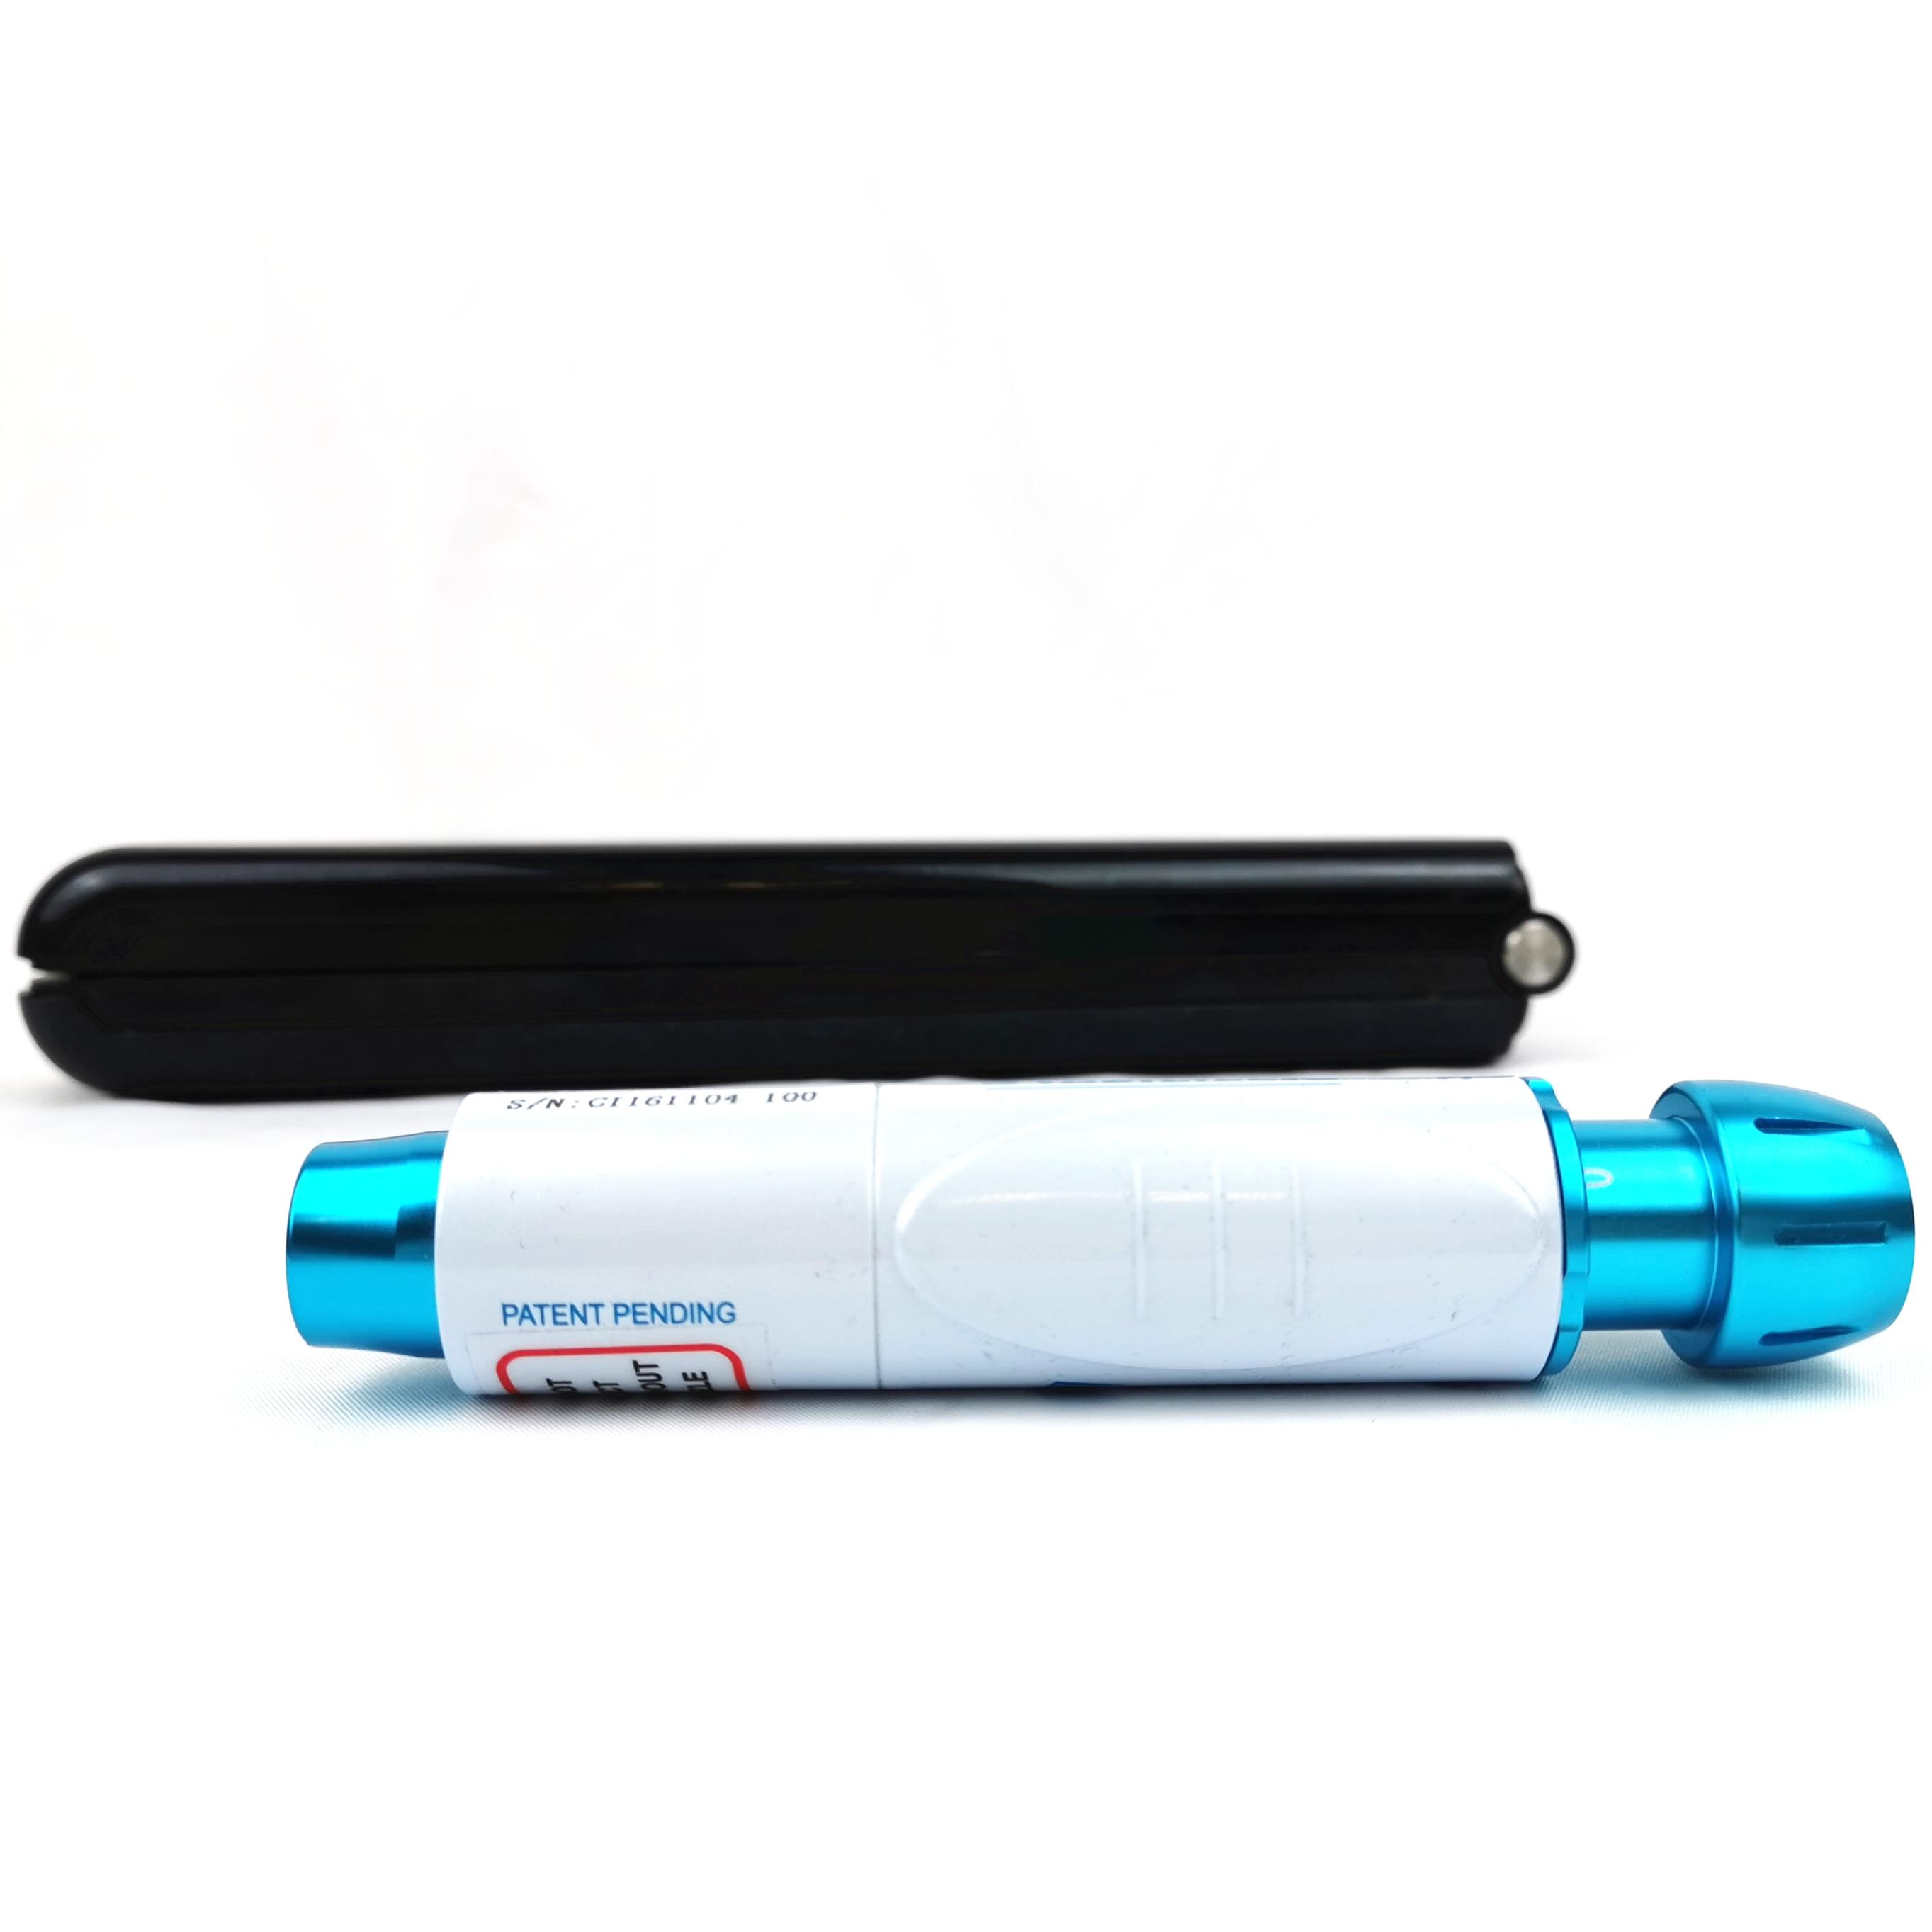 2 ชิ้น Hyaluron ปากกา Atomizing บทนำเครื่องมือความงามปากกา Skin Moisturizing Rejuvenation เครื่องมือ-ใน เครื่องมือดูแลผิวหน้า จาก ความงามและสุขภาพ บน   2